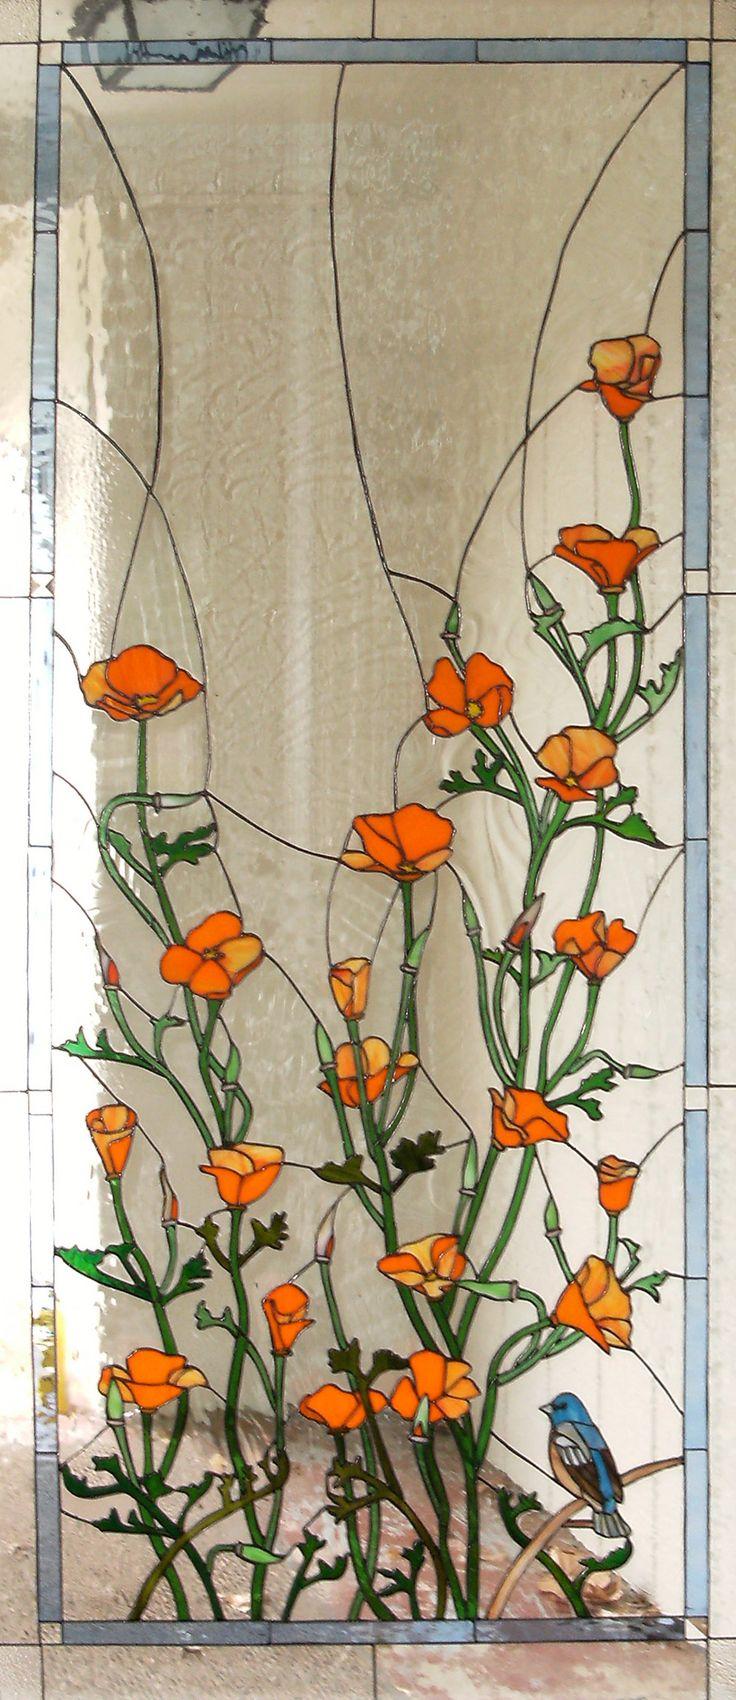 California Poppies                                                                                                                                                     Más                                                                                                                                                                                 More